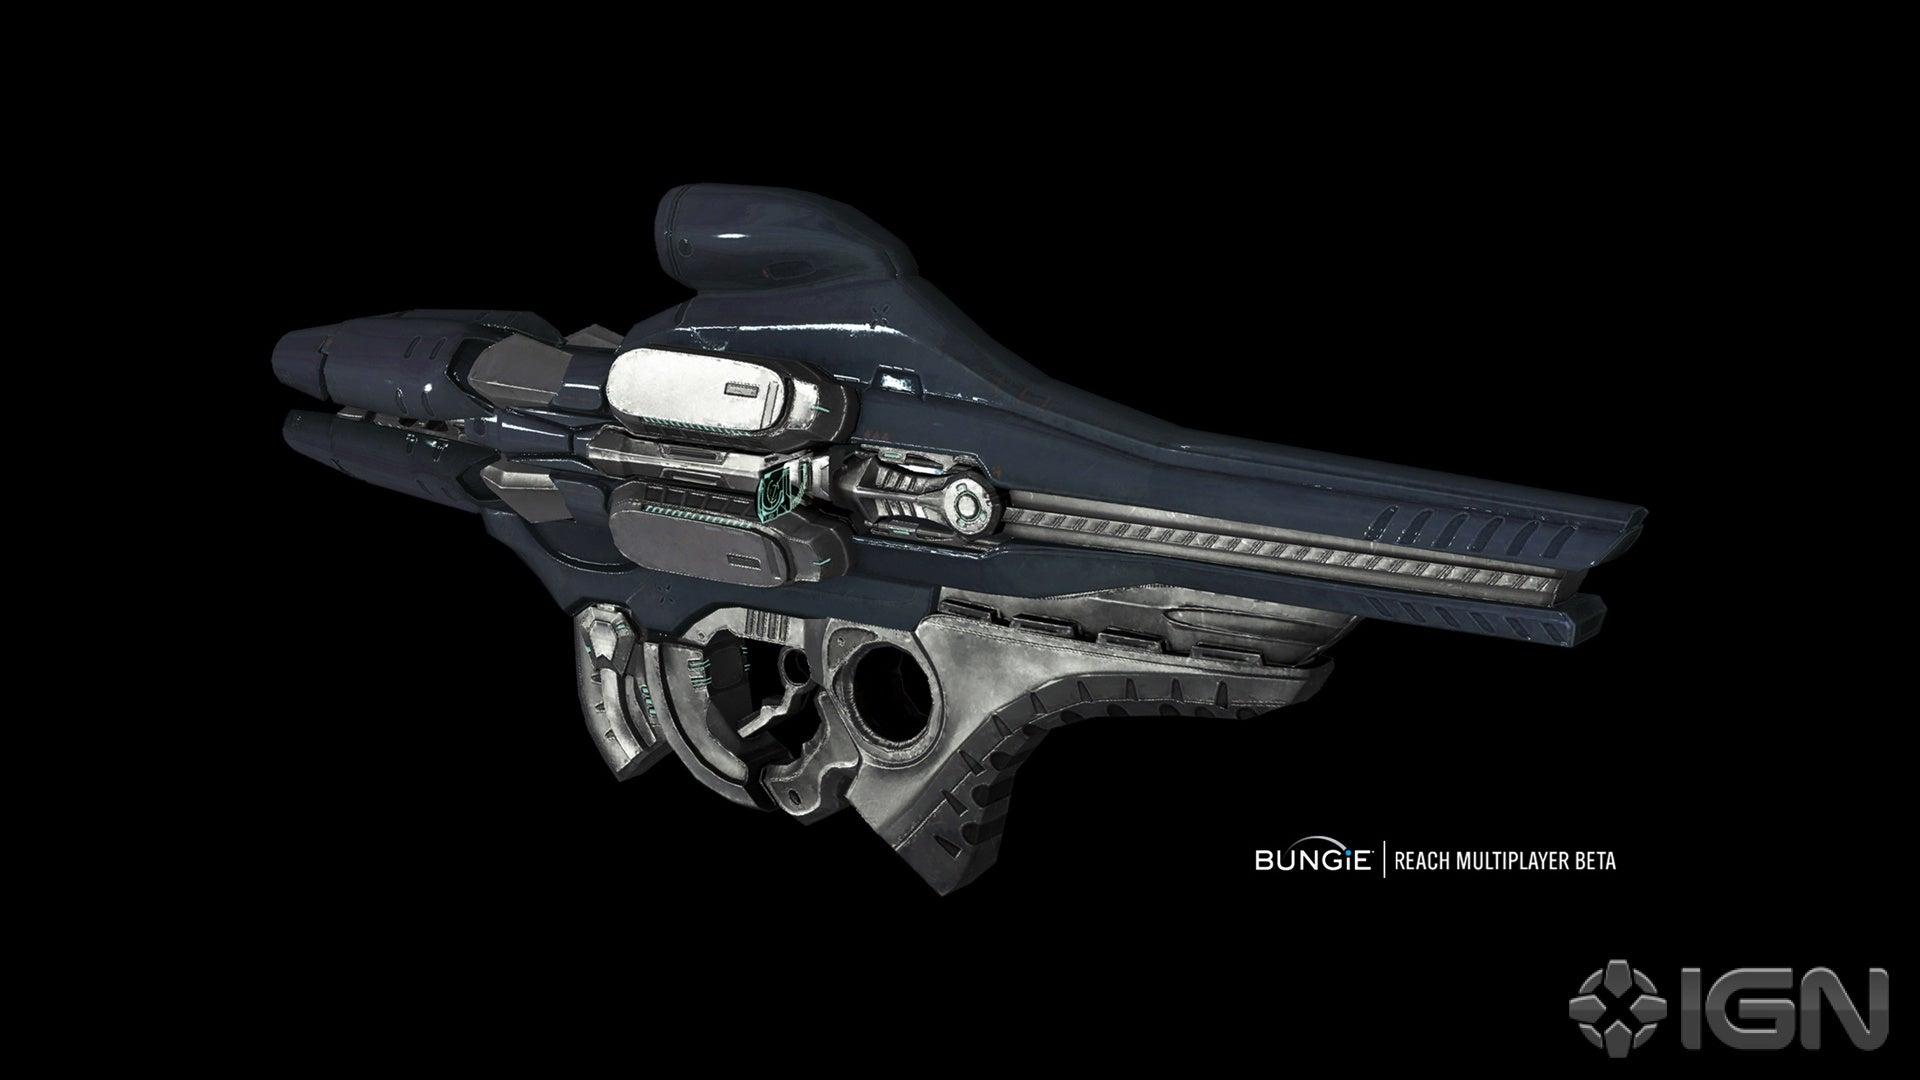 Armes de Halo Reach (DMR/Weapons/Guns/Concussion Rifle/Nouvelles/Sniper) - Page 2 Halo-reach-20100405012213653